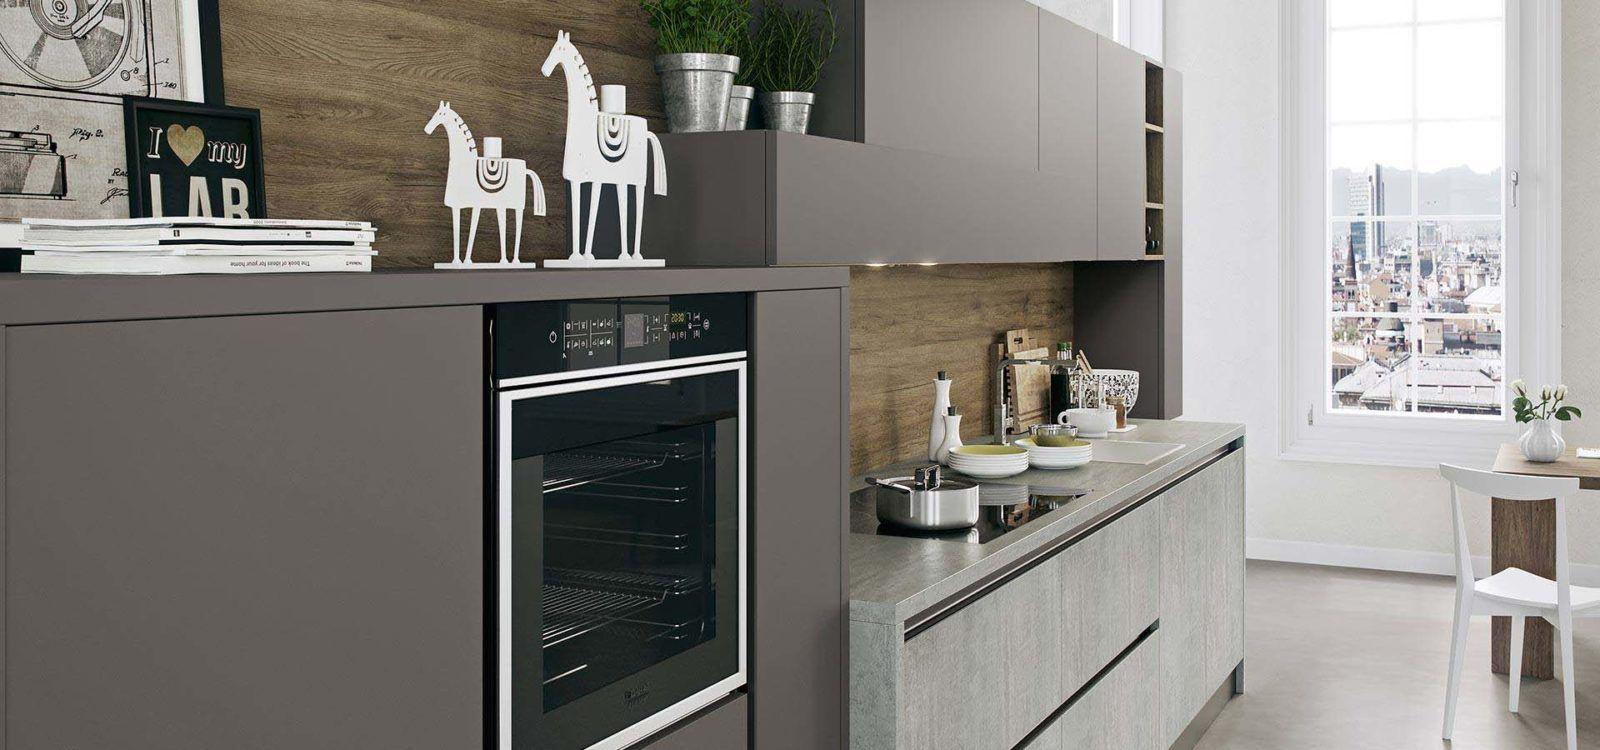 Cucina Moderna Lineare-3 | Cocinas | Pinterest | Cucina moderna ...